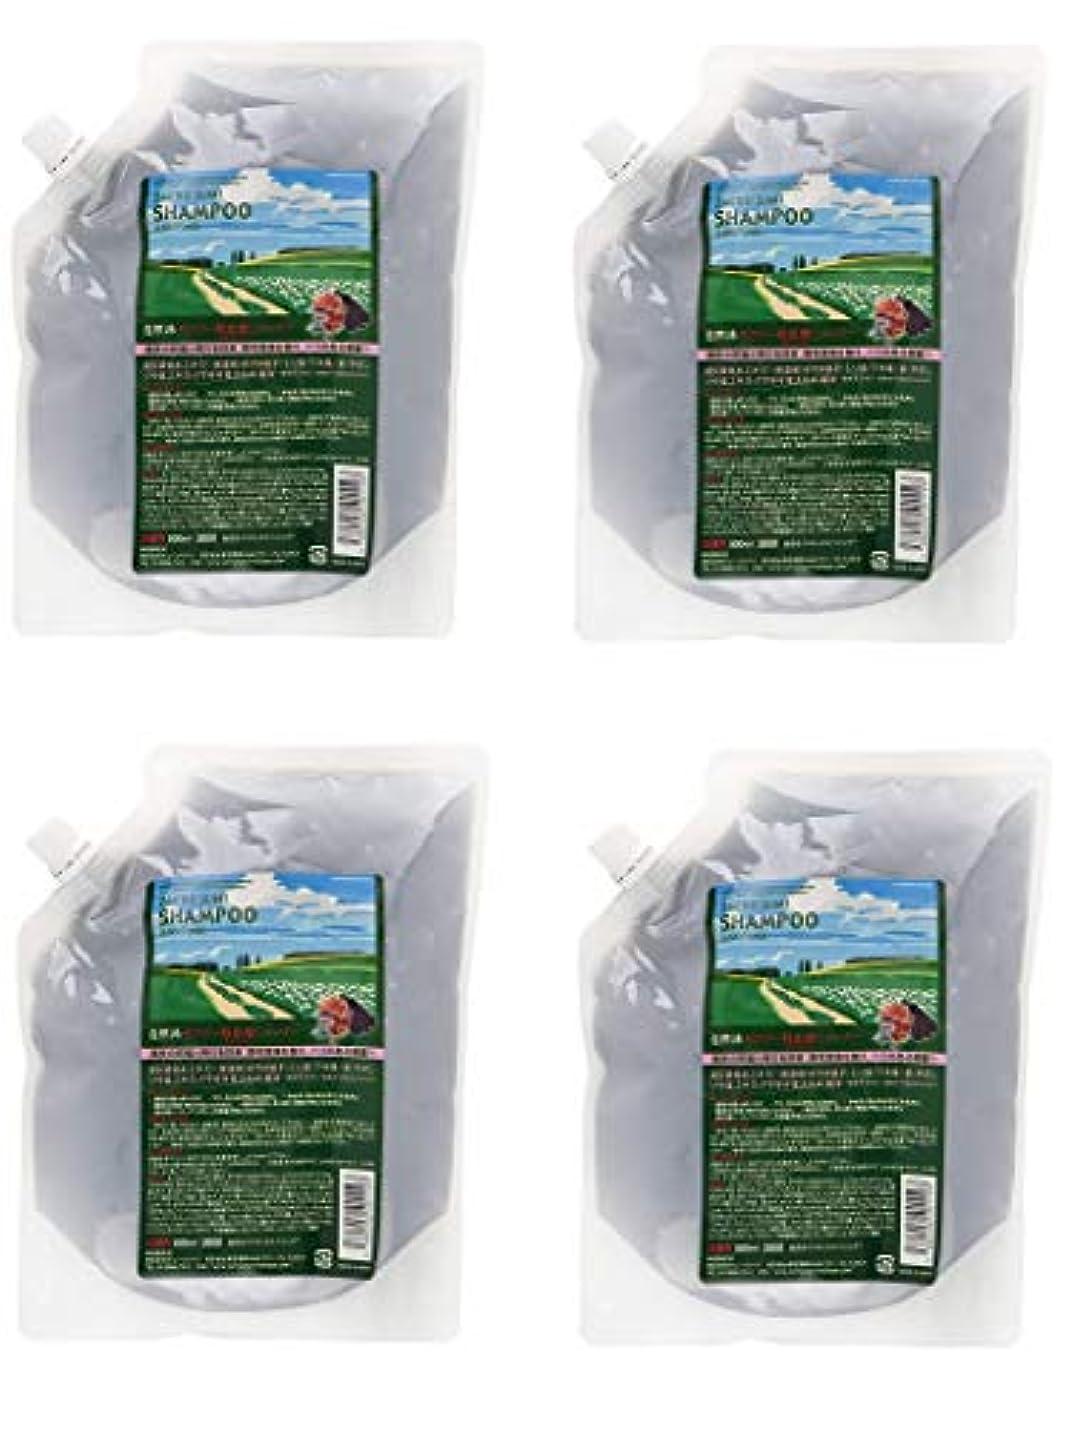 暖かさポンプ準拠【4個セット】サニープレイス ザクロ精炭酸シャンプー 800ml レフィル 詰替え用